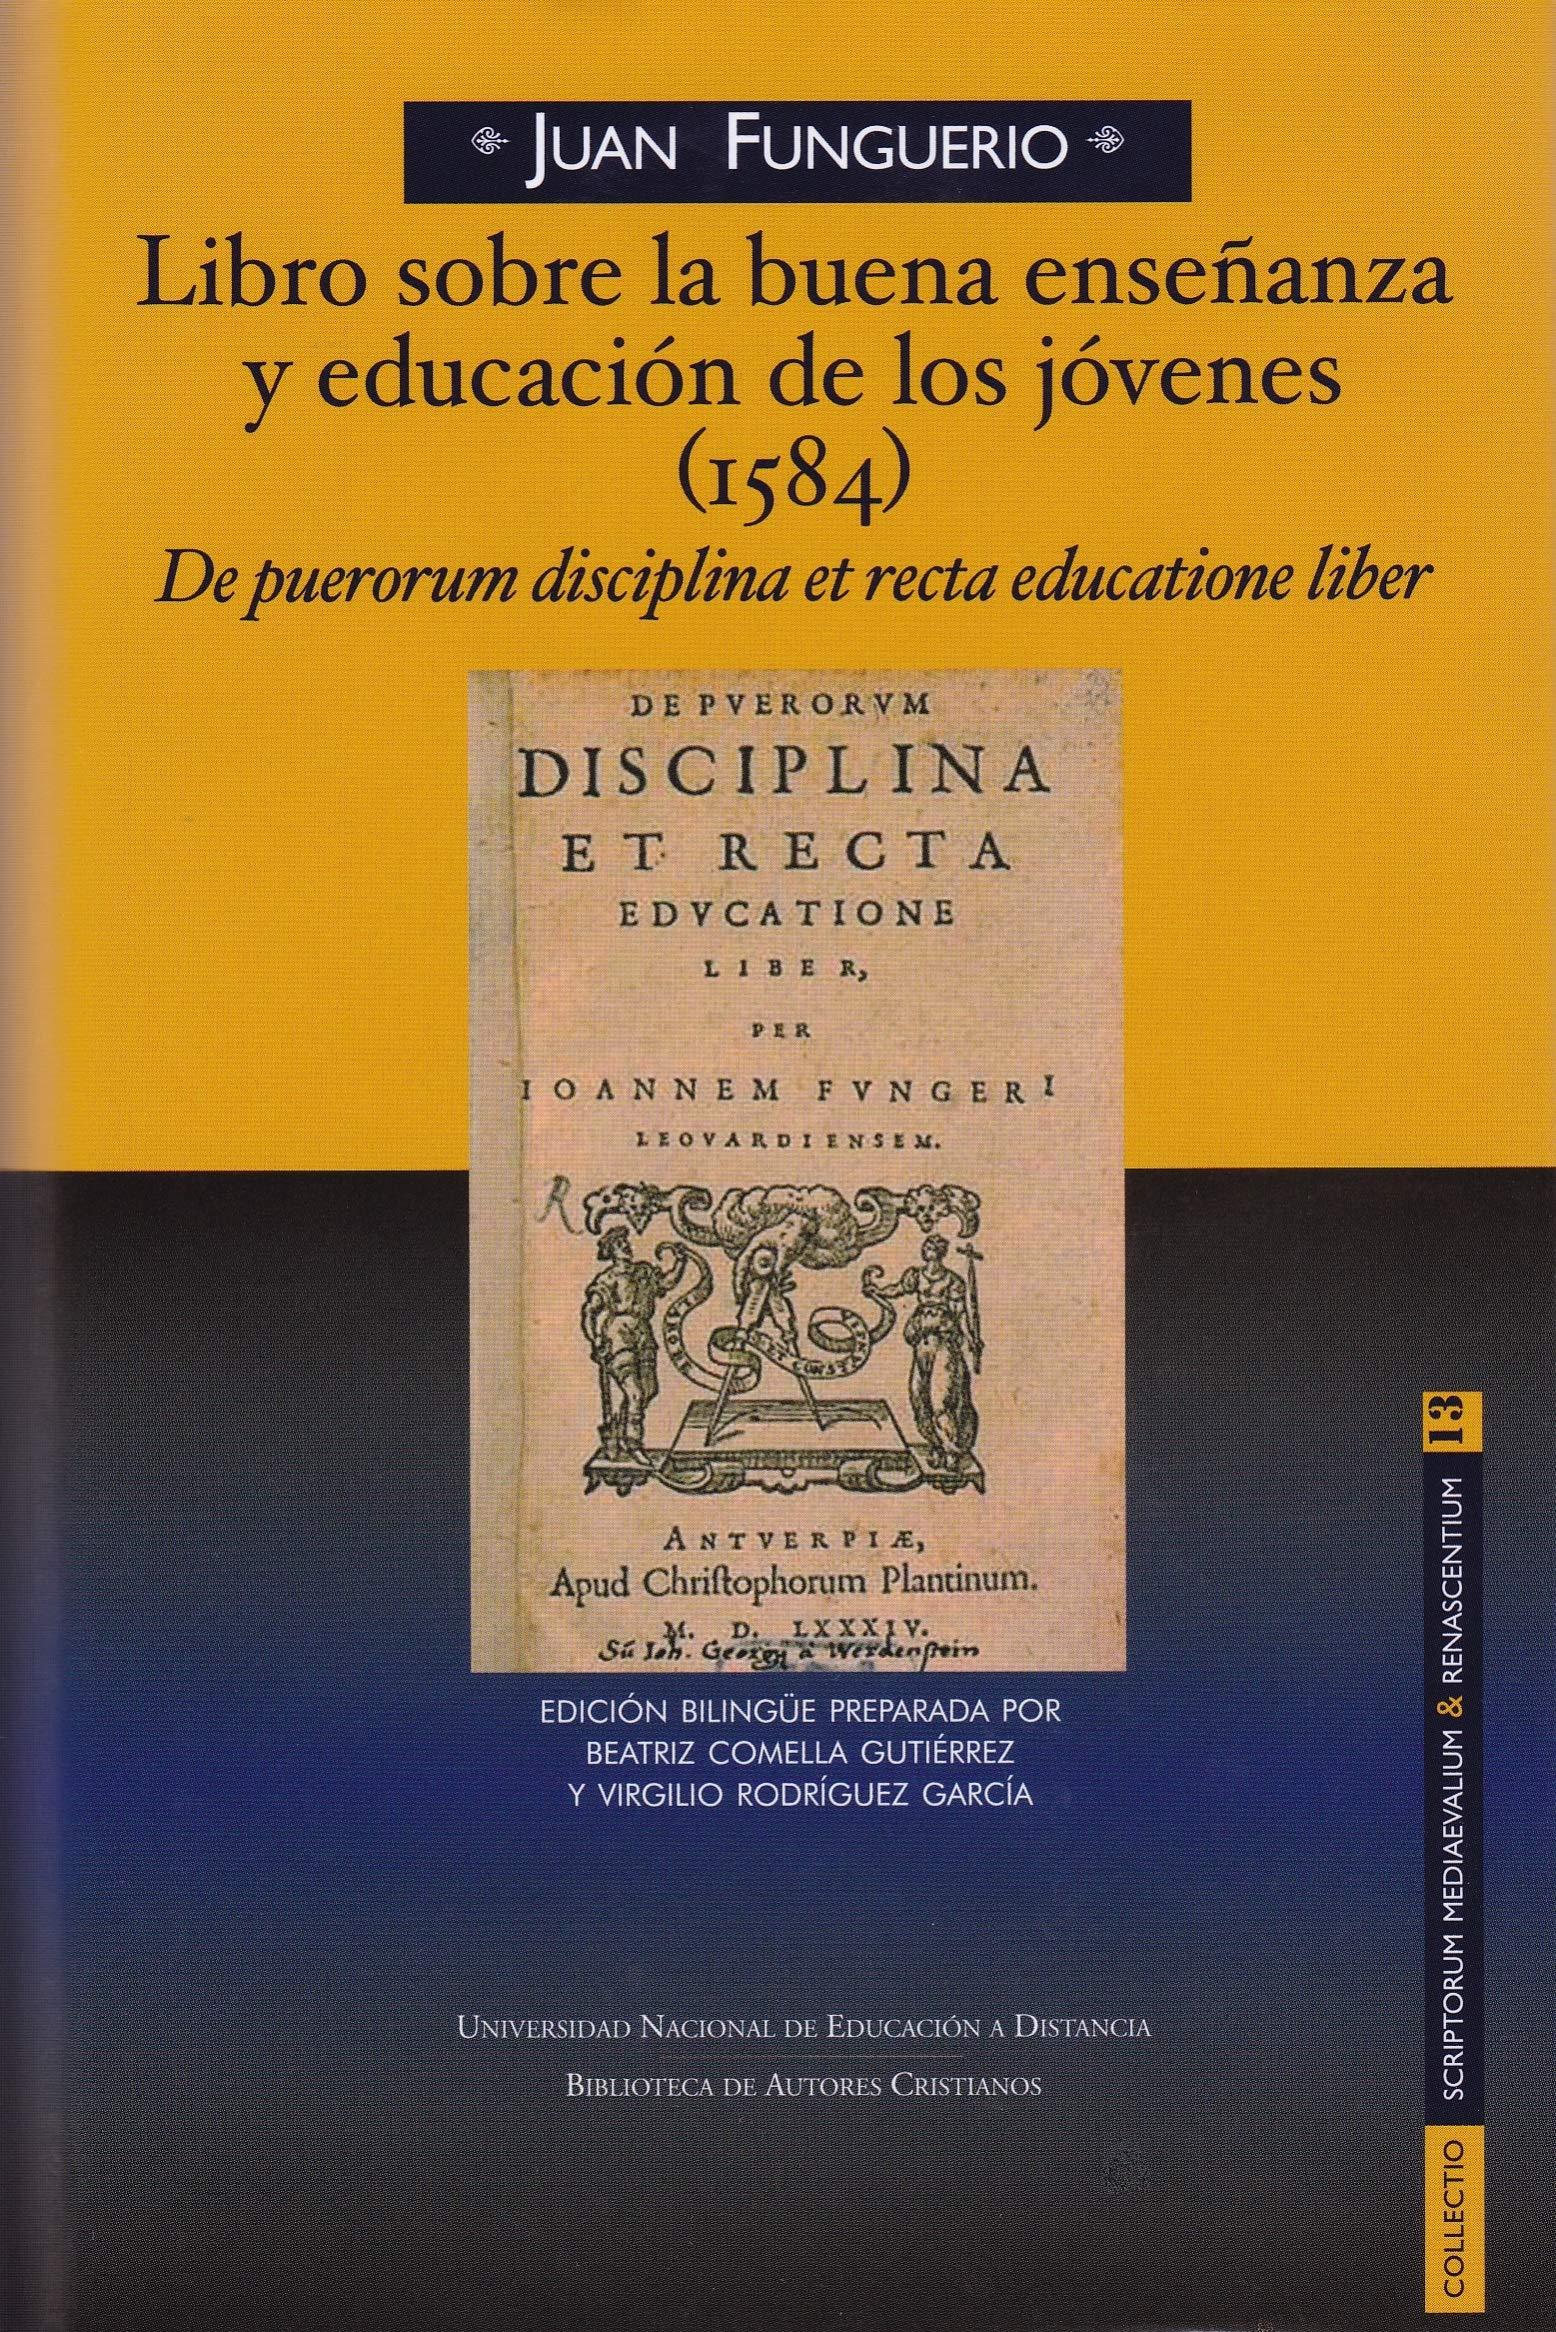 Libro sobre la buena enseñanza y educación de los jóvenes ...